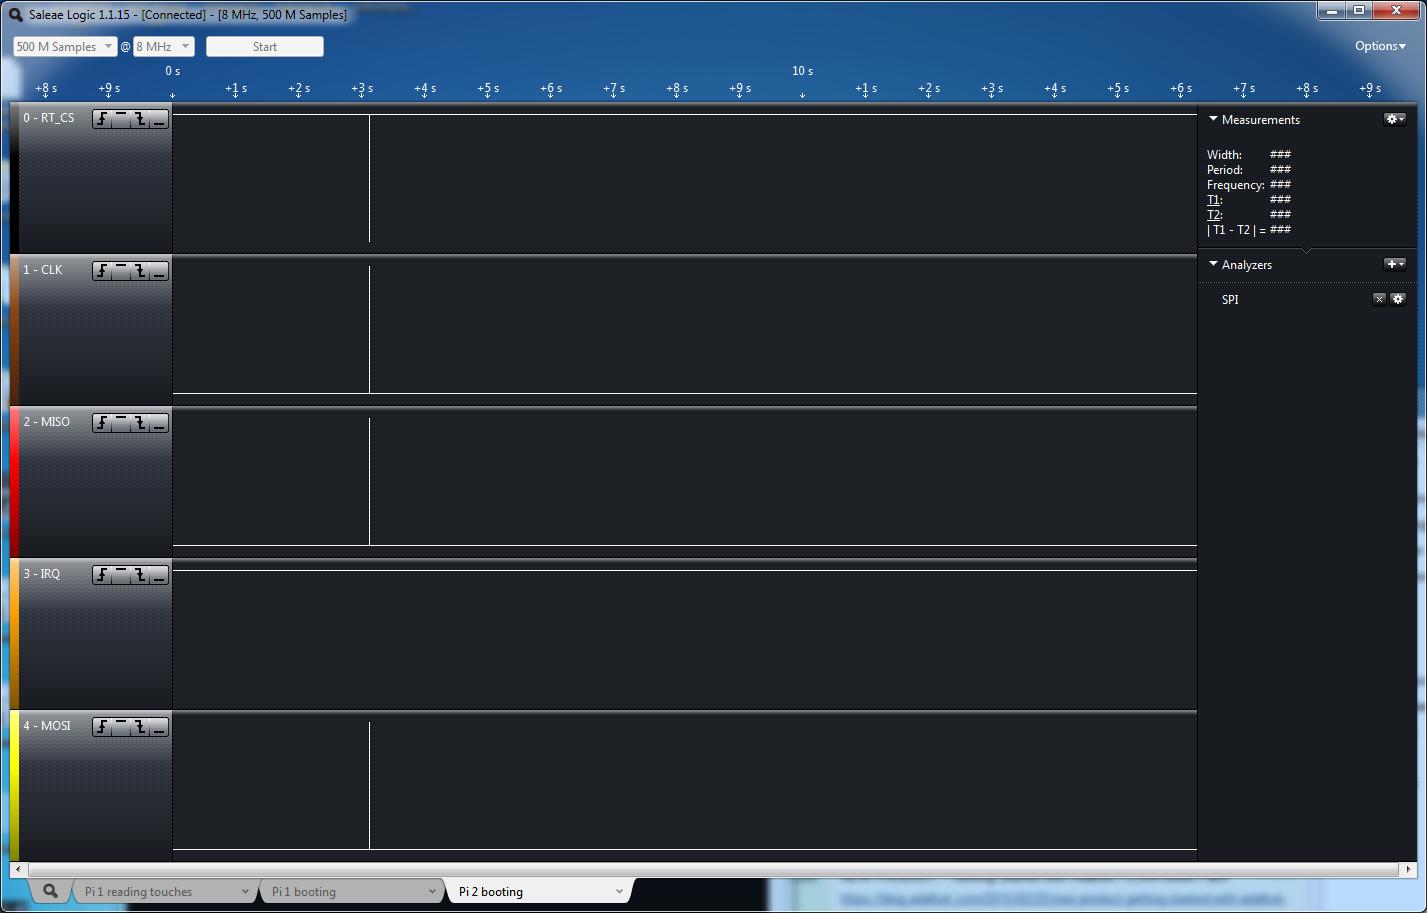 sensors_pi2boot.png